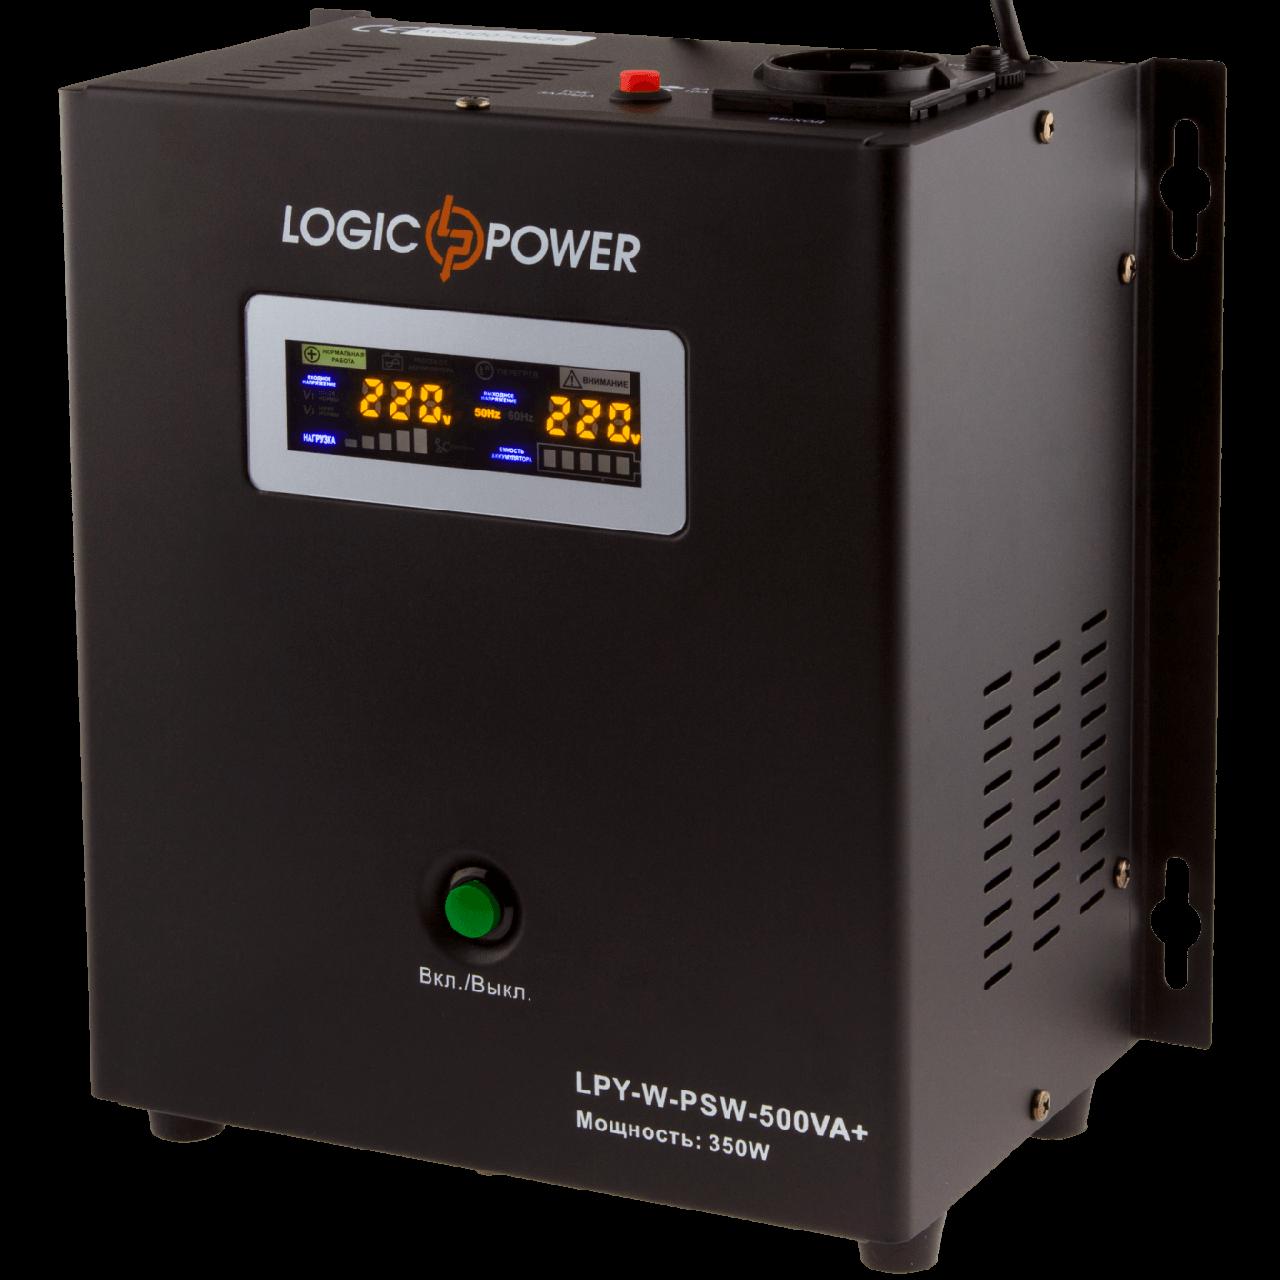 ИБП Logicpower LPY-W-PSW-500VA +